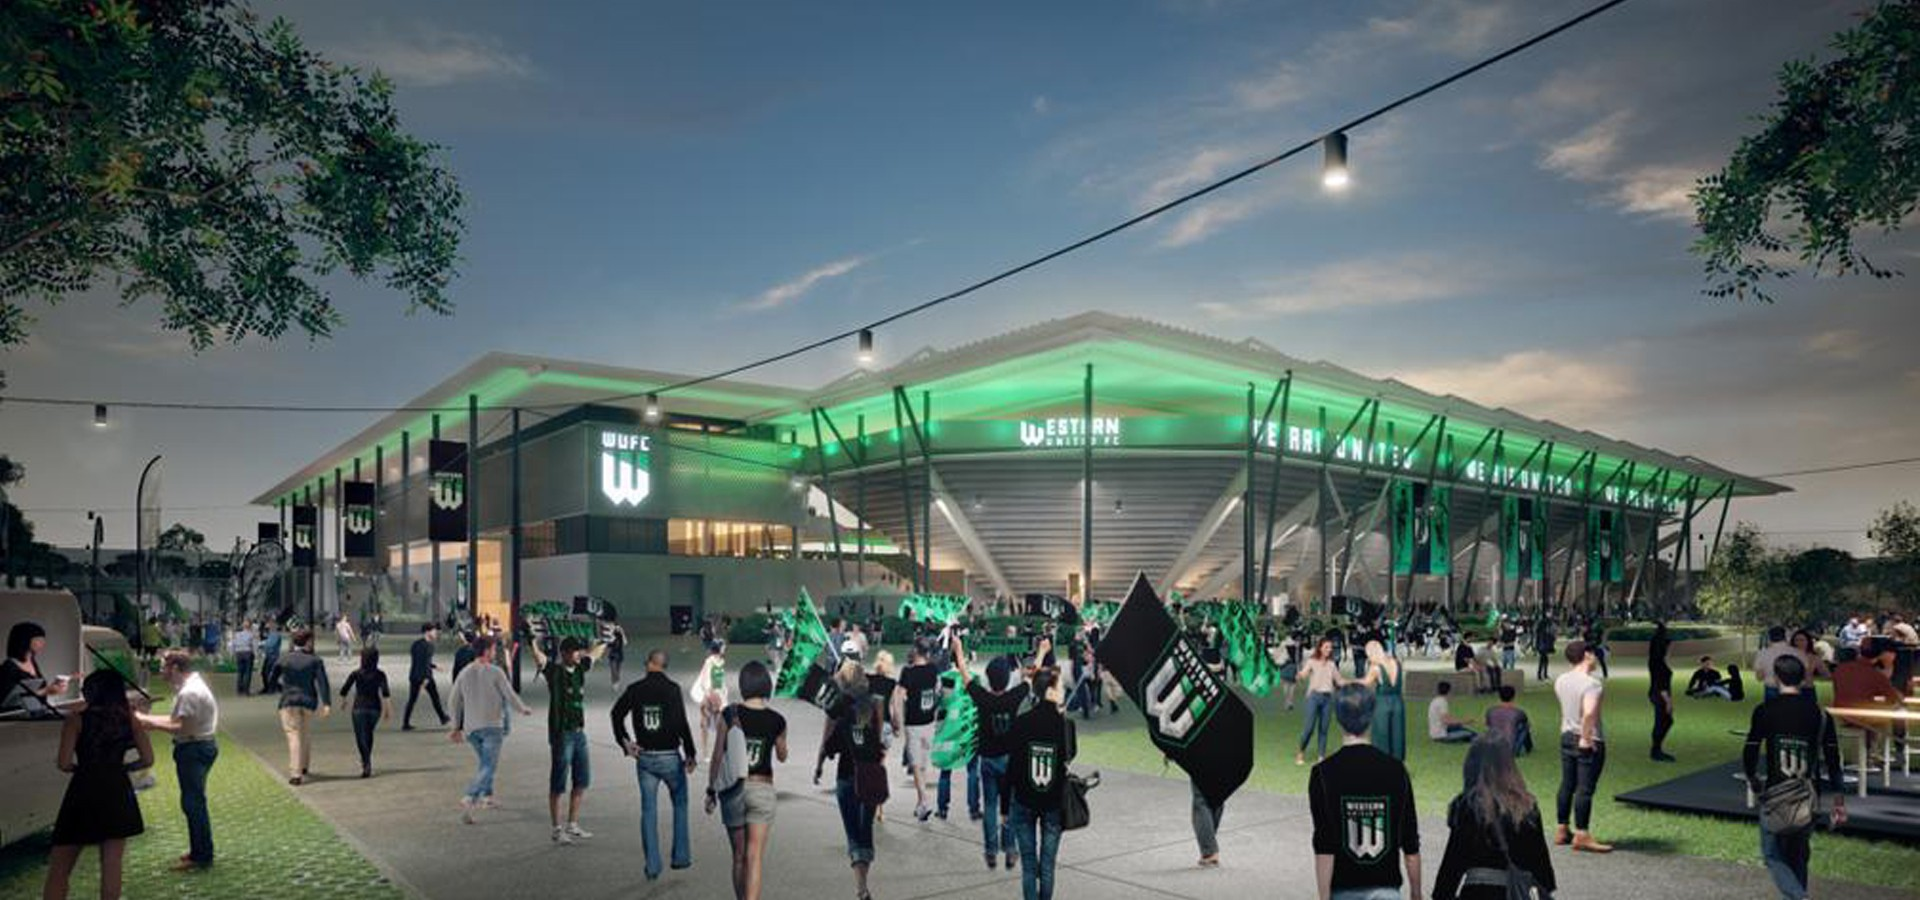 WEstern United Stadium